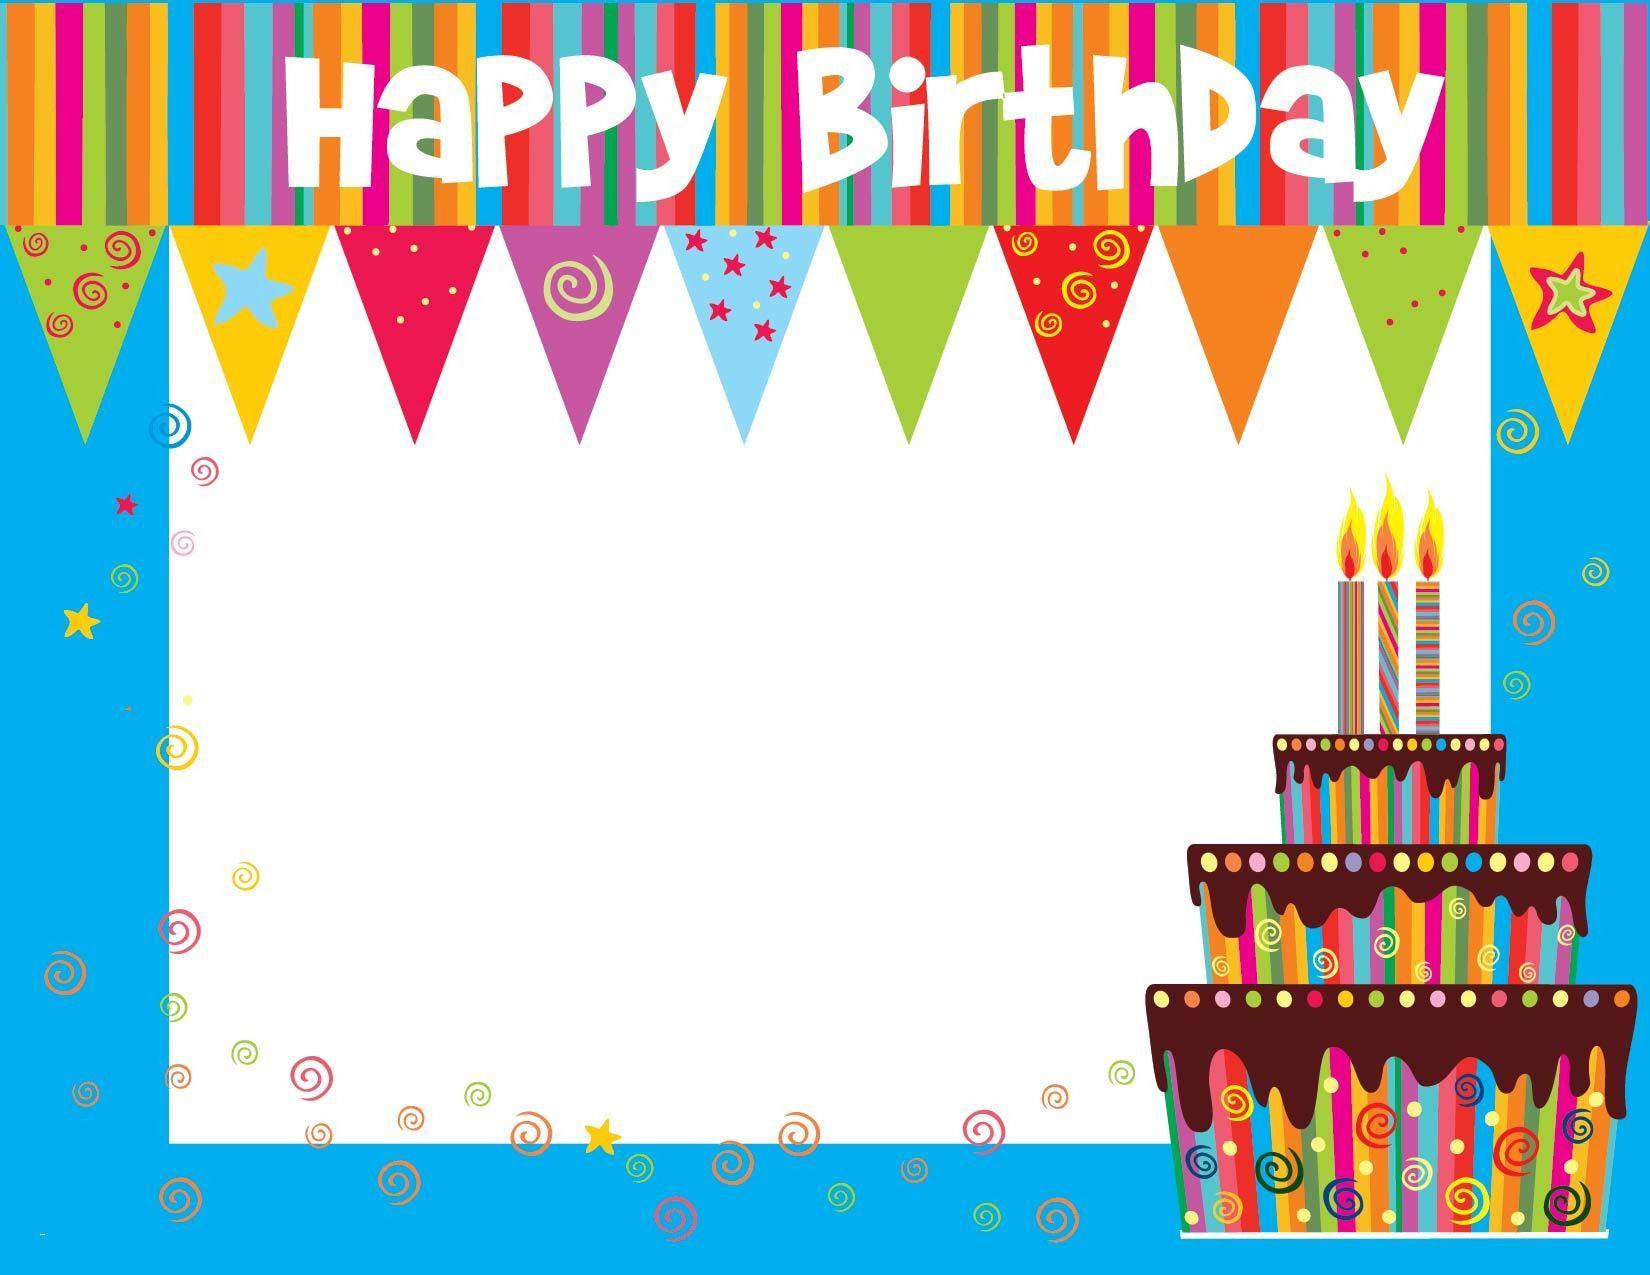 Birthday Card Template | Birthday Calendar Template | Birthday Card - Free Online Printable Birthday Cards